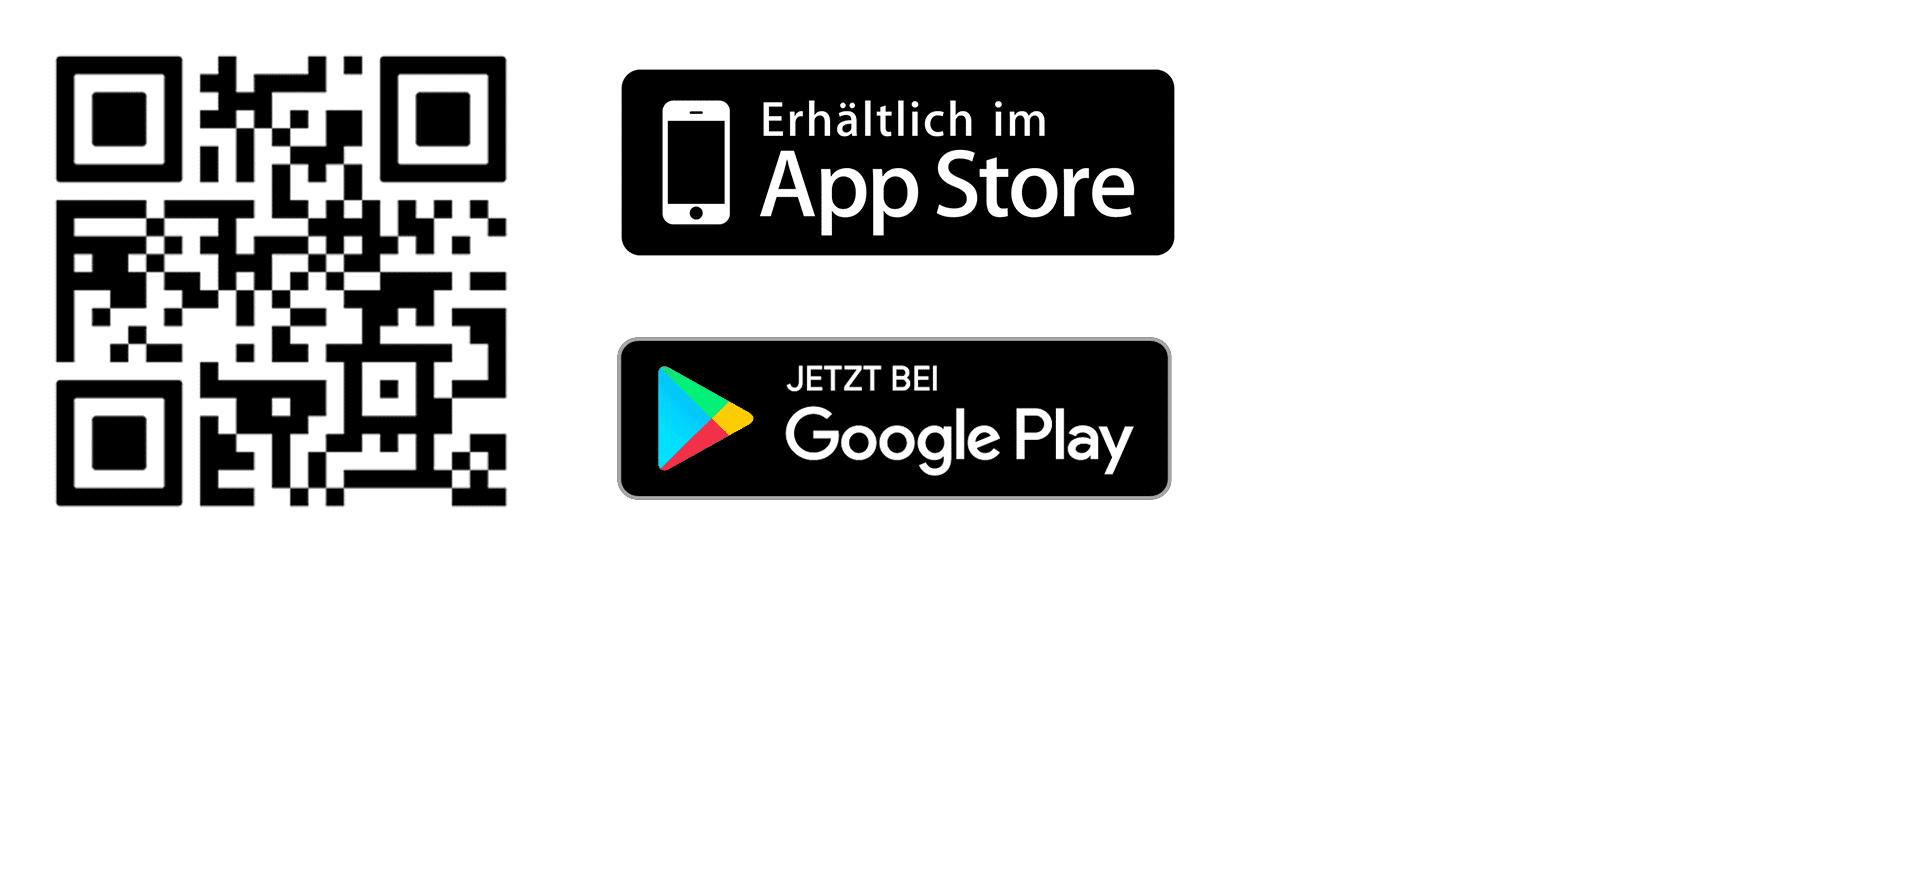 Bild mit QR-Code zur Accounto App